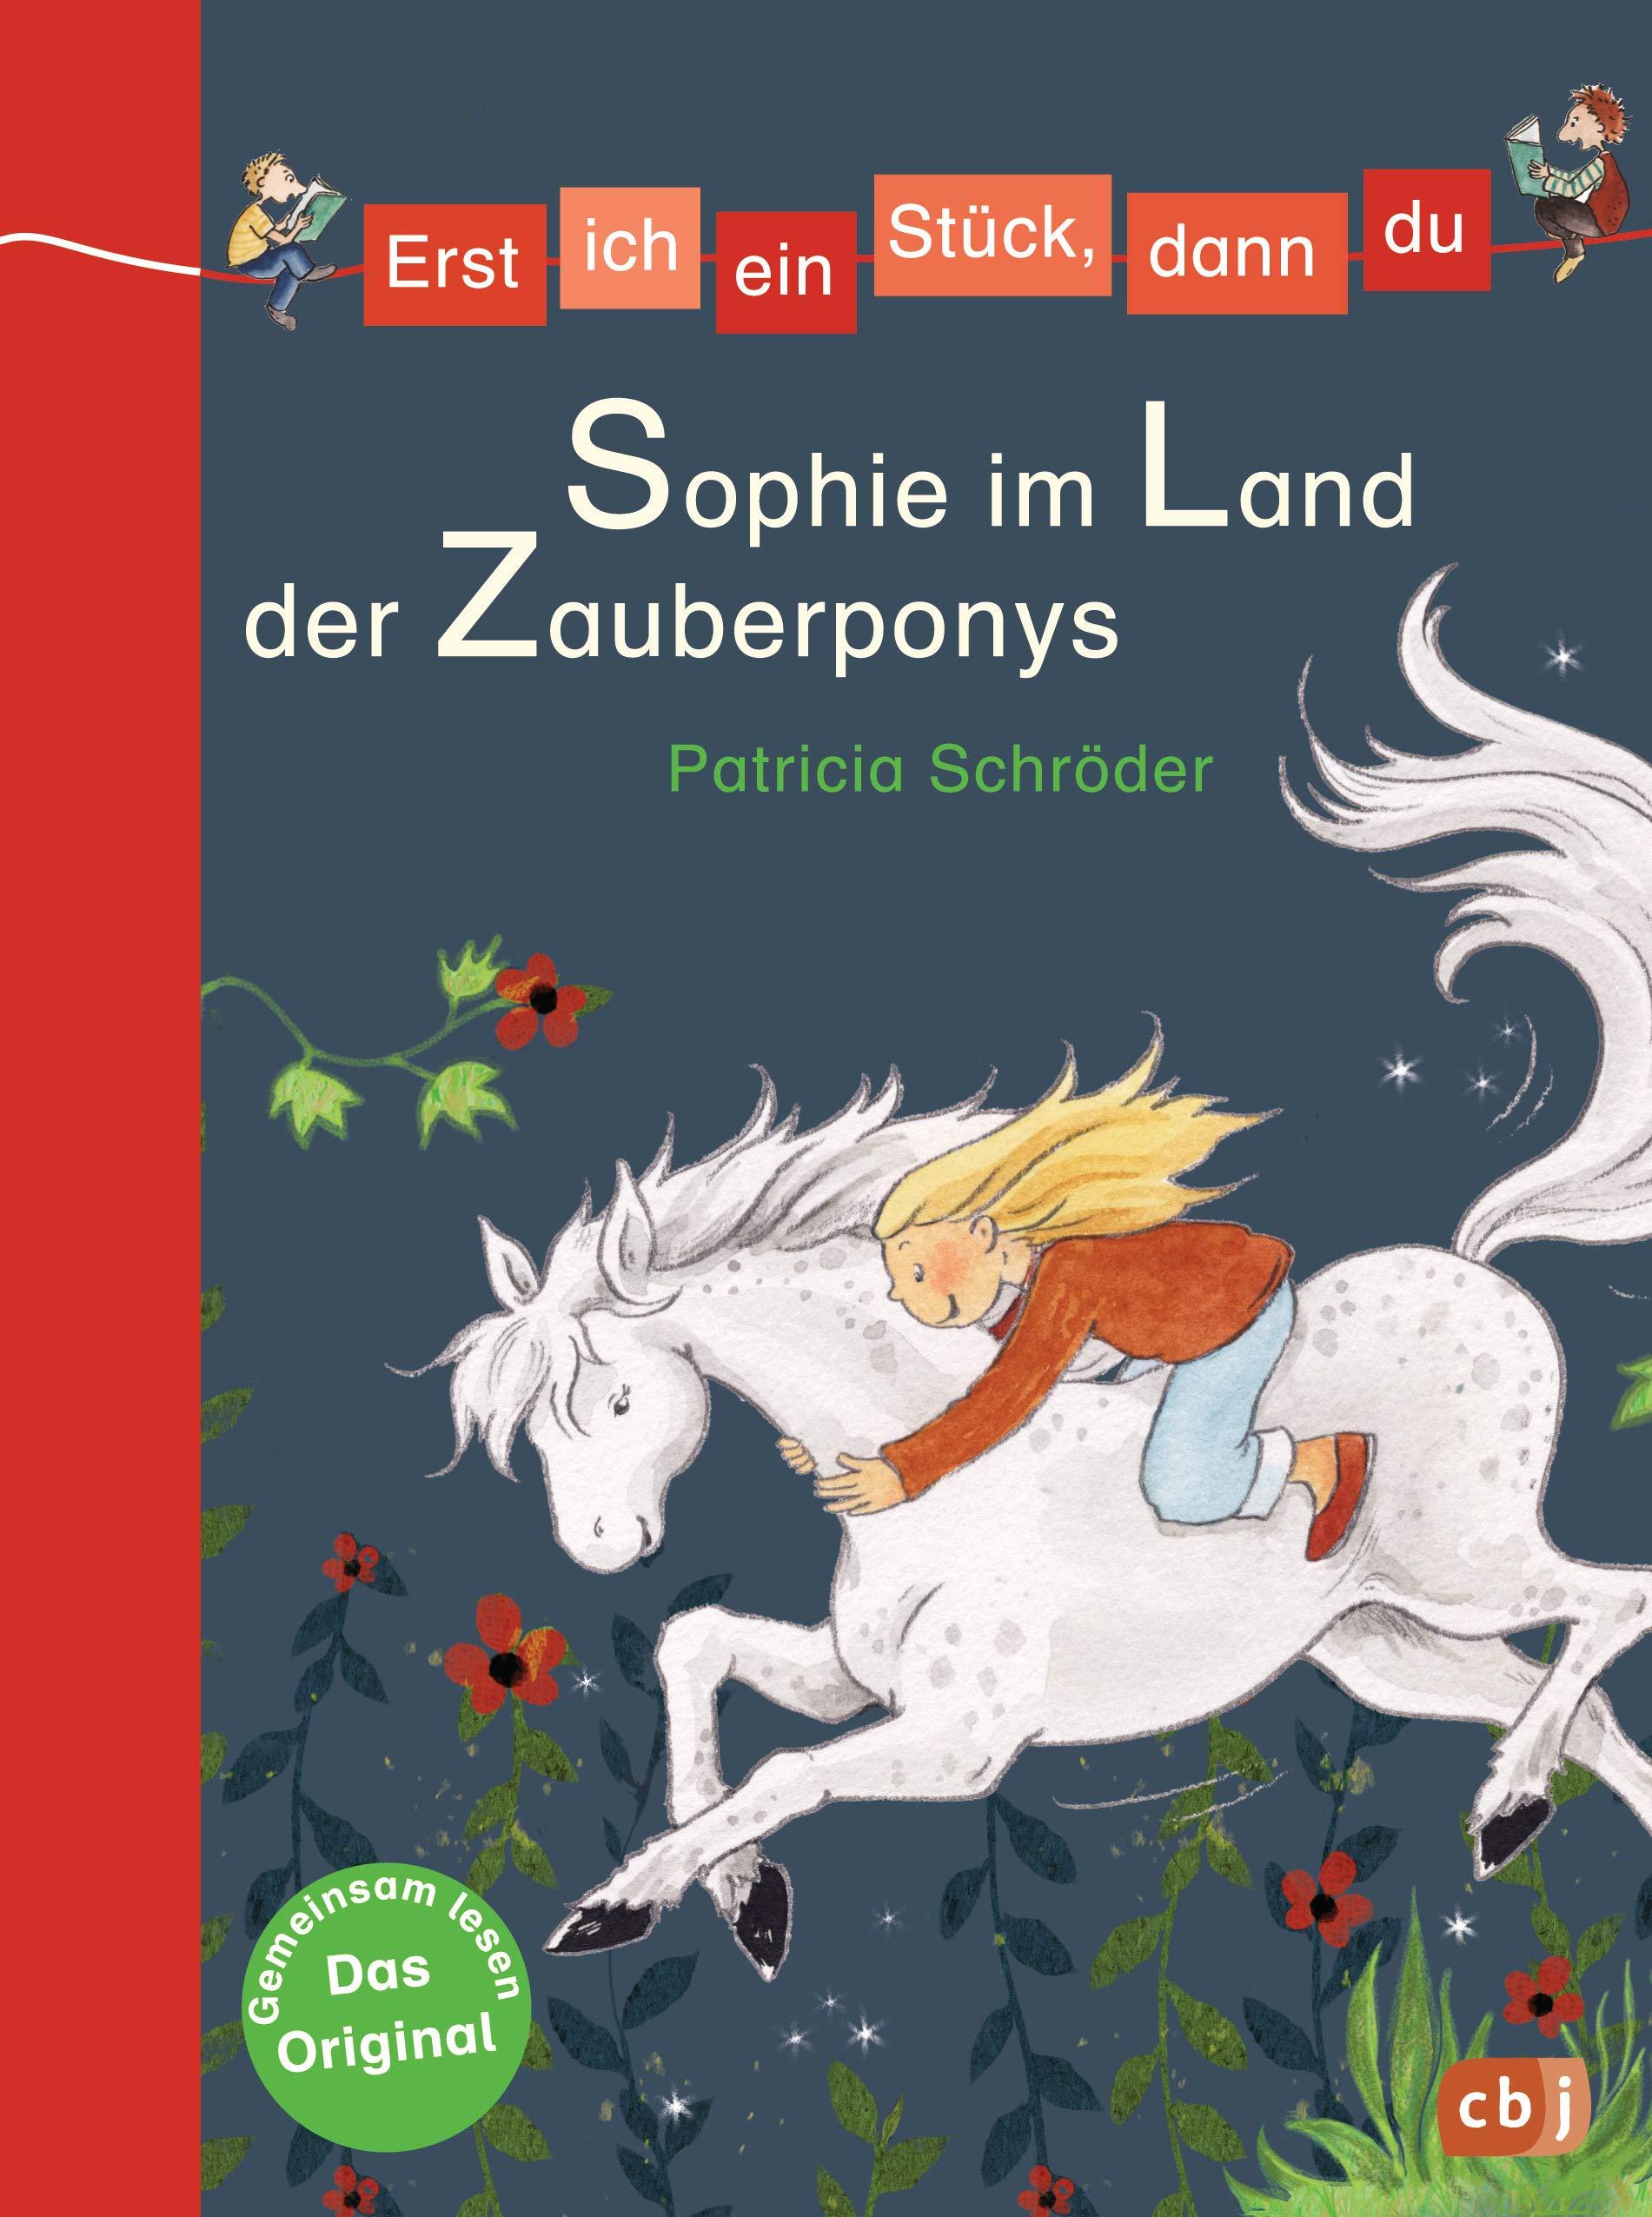 sophie-im-land-der-zauberponys-erst-ich-ein-stck-dann-du-band-15